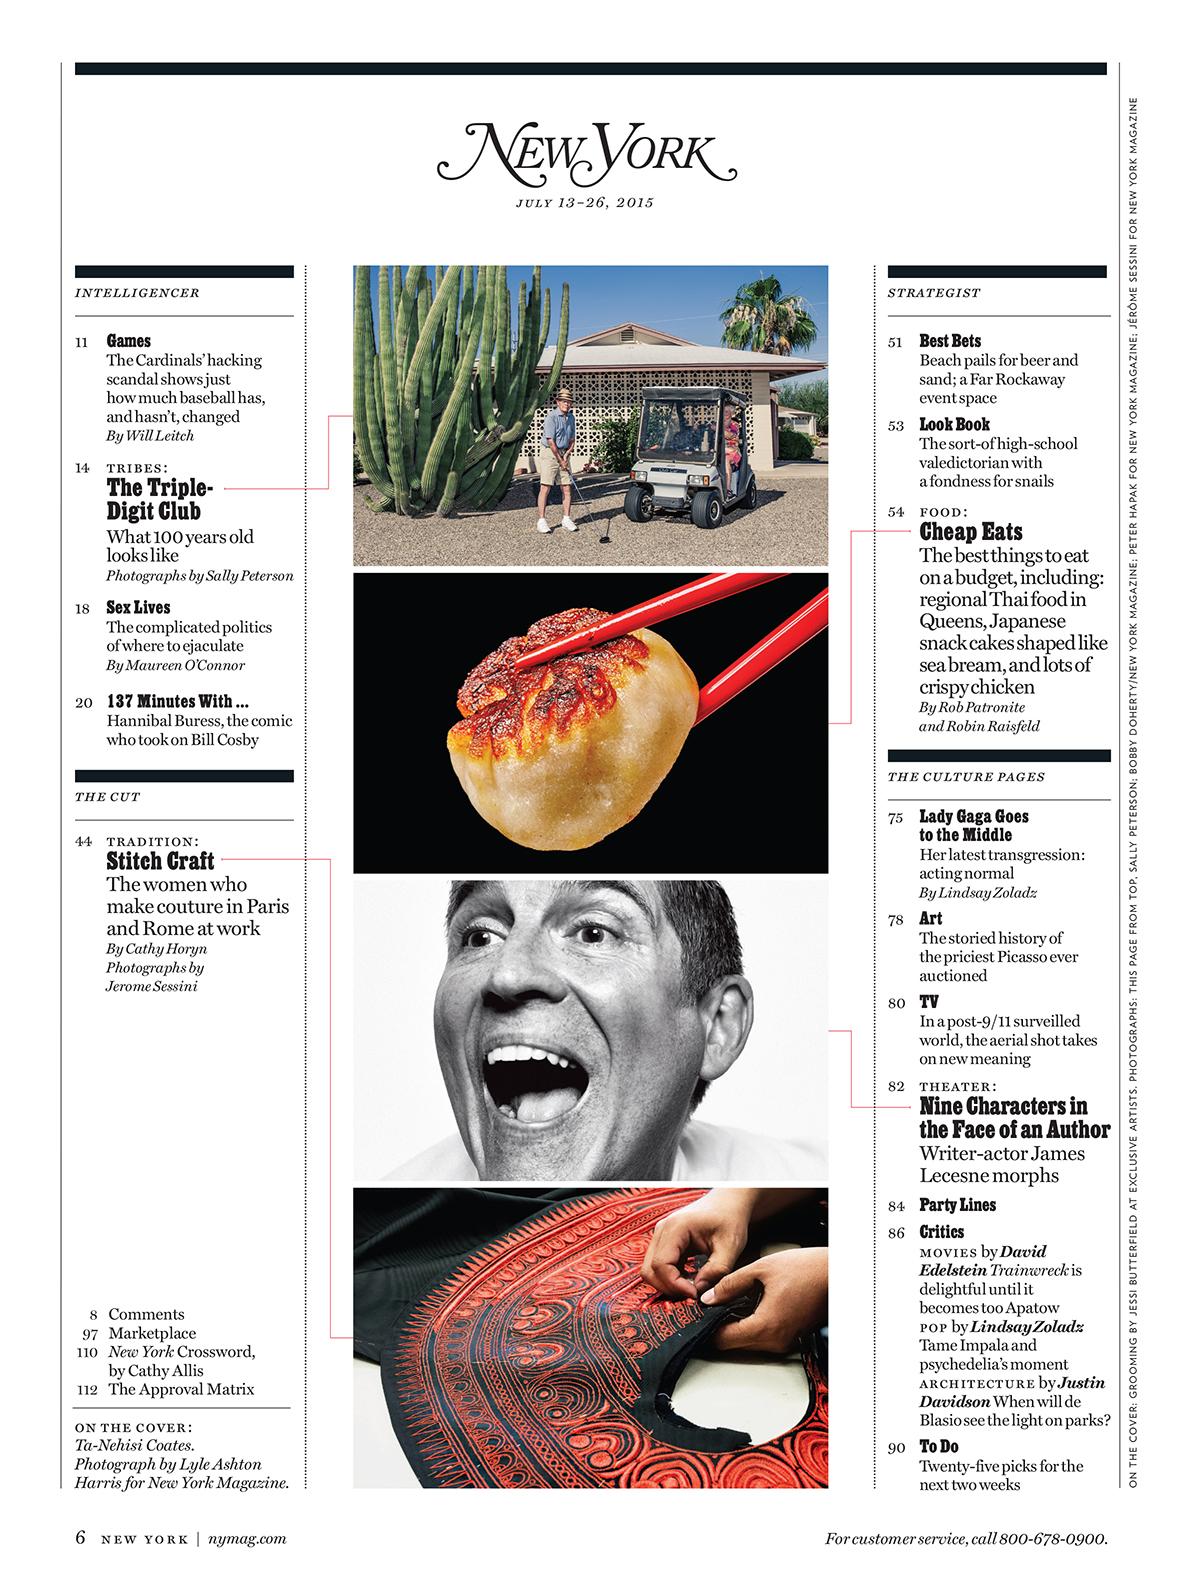 New York Magzine